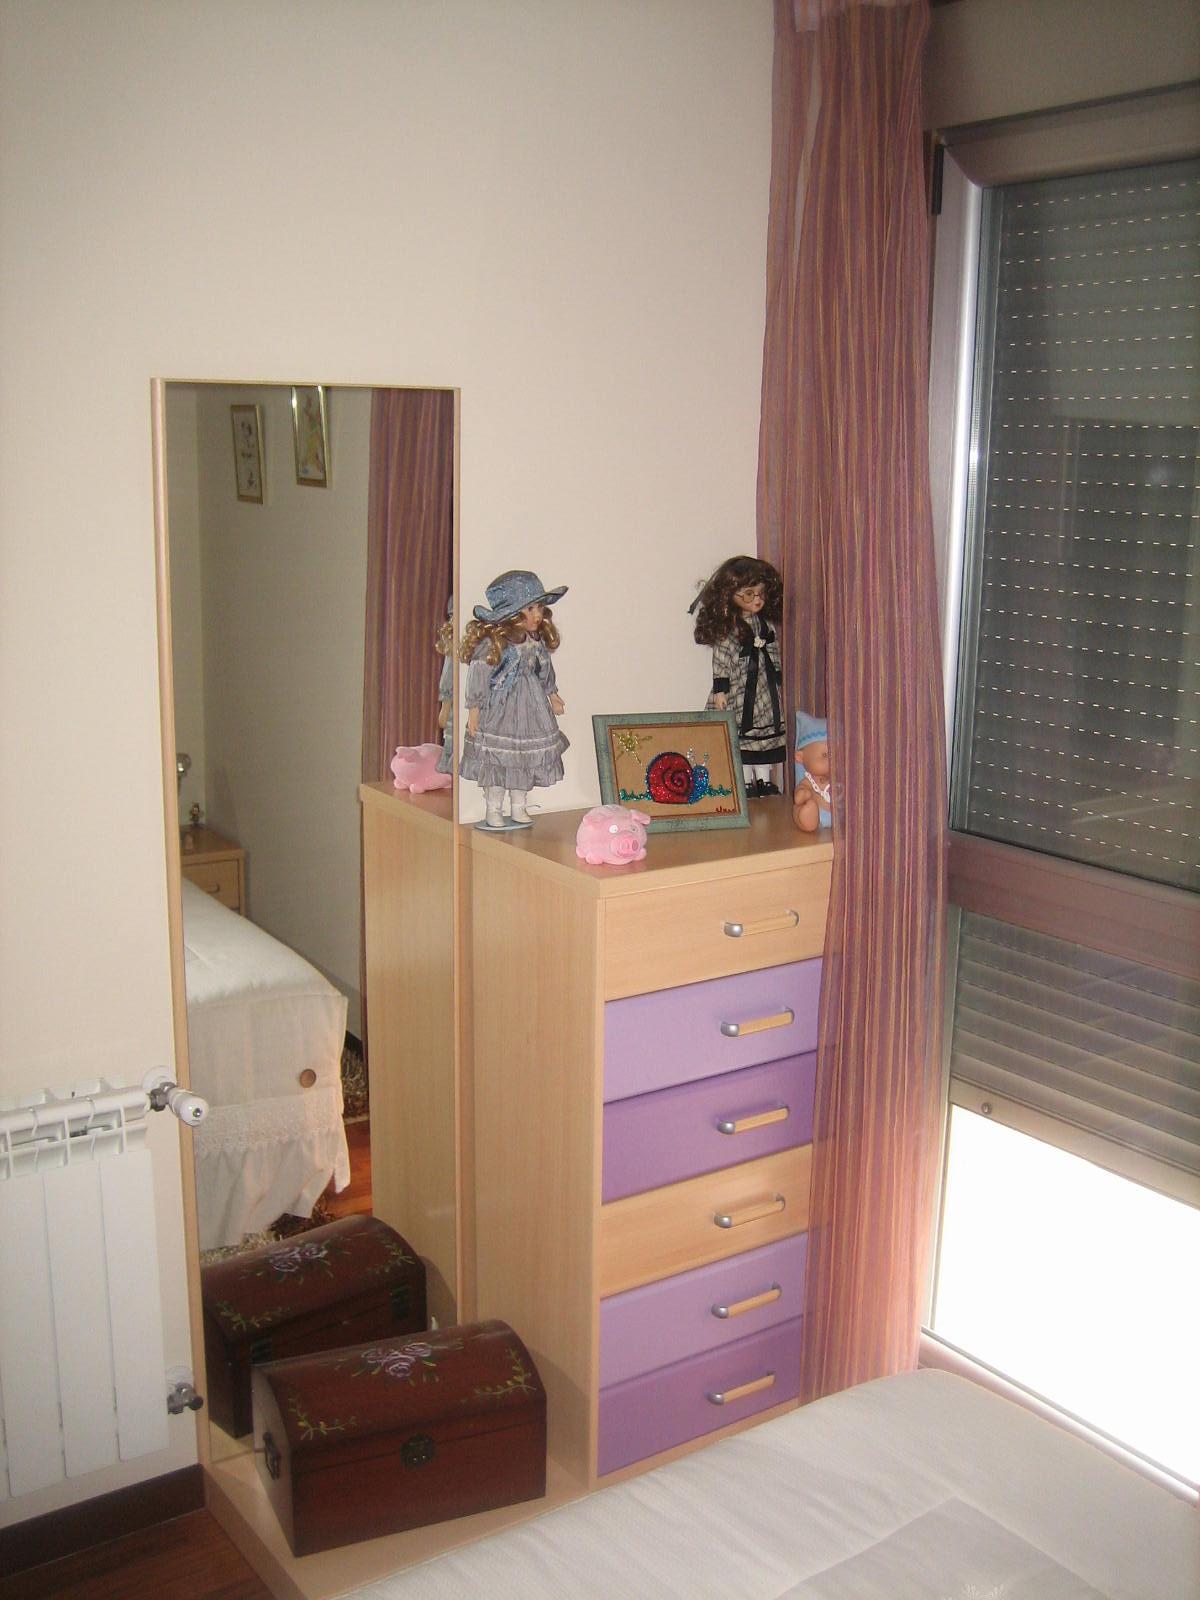 Dormitorio invitados 2 inmobiliaria for Dormitorio invitados